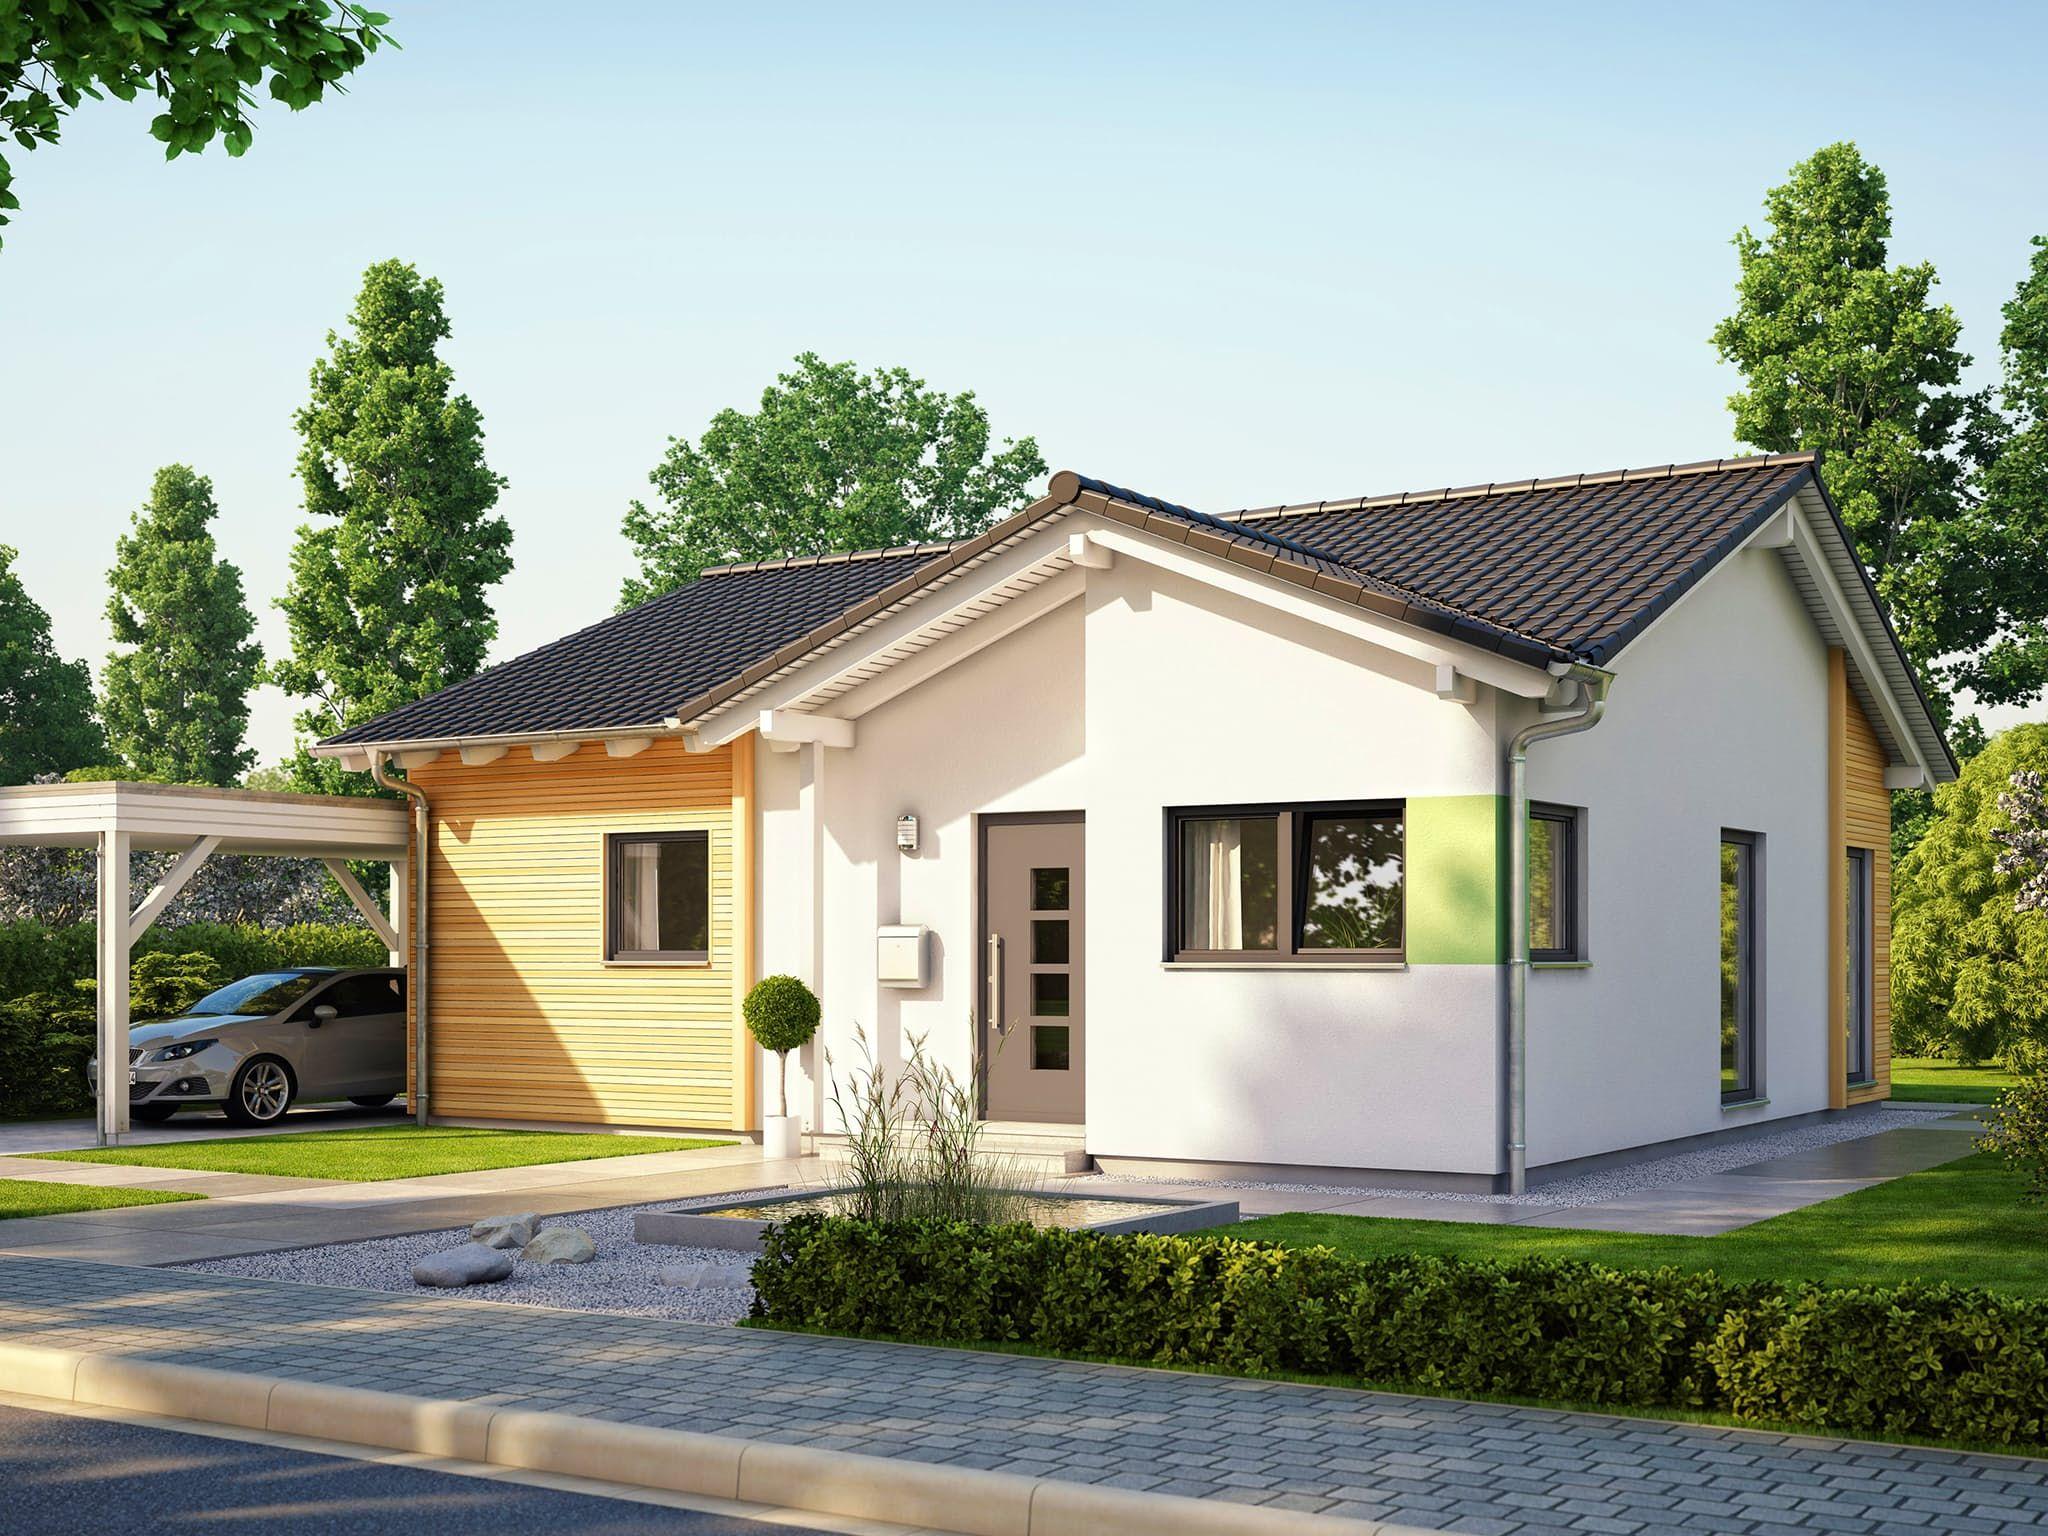 Gunstige Hauser Bauen Schlusselfertig Bungalow Haus Bauen